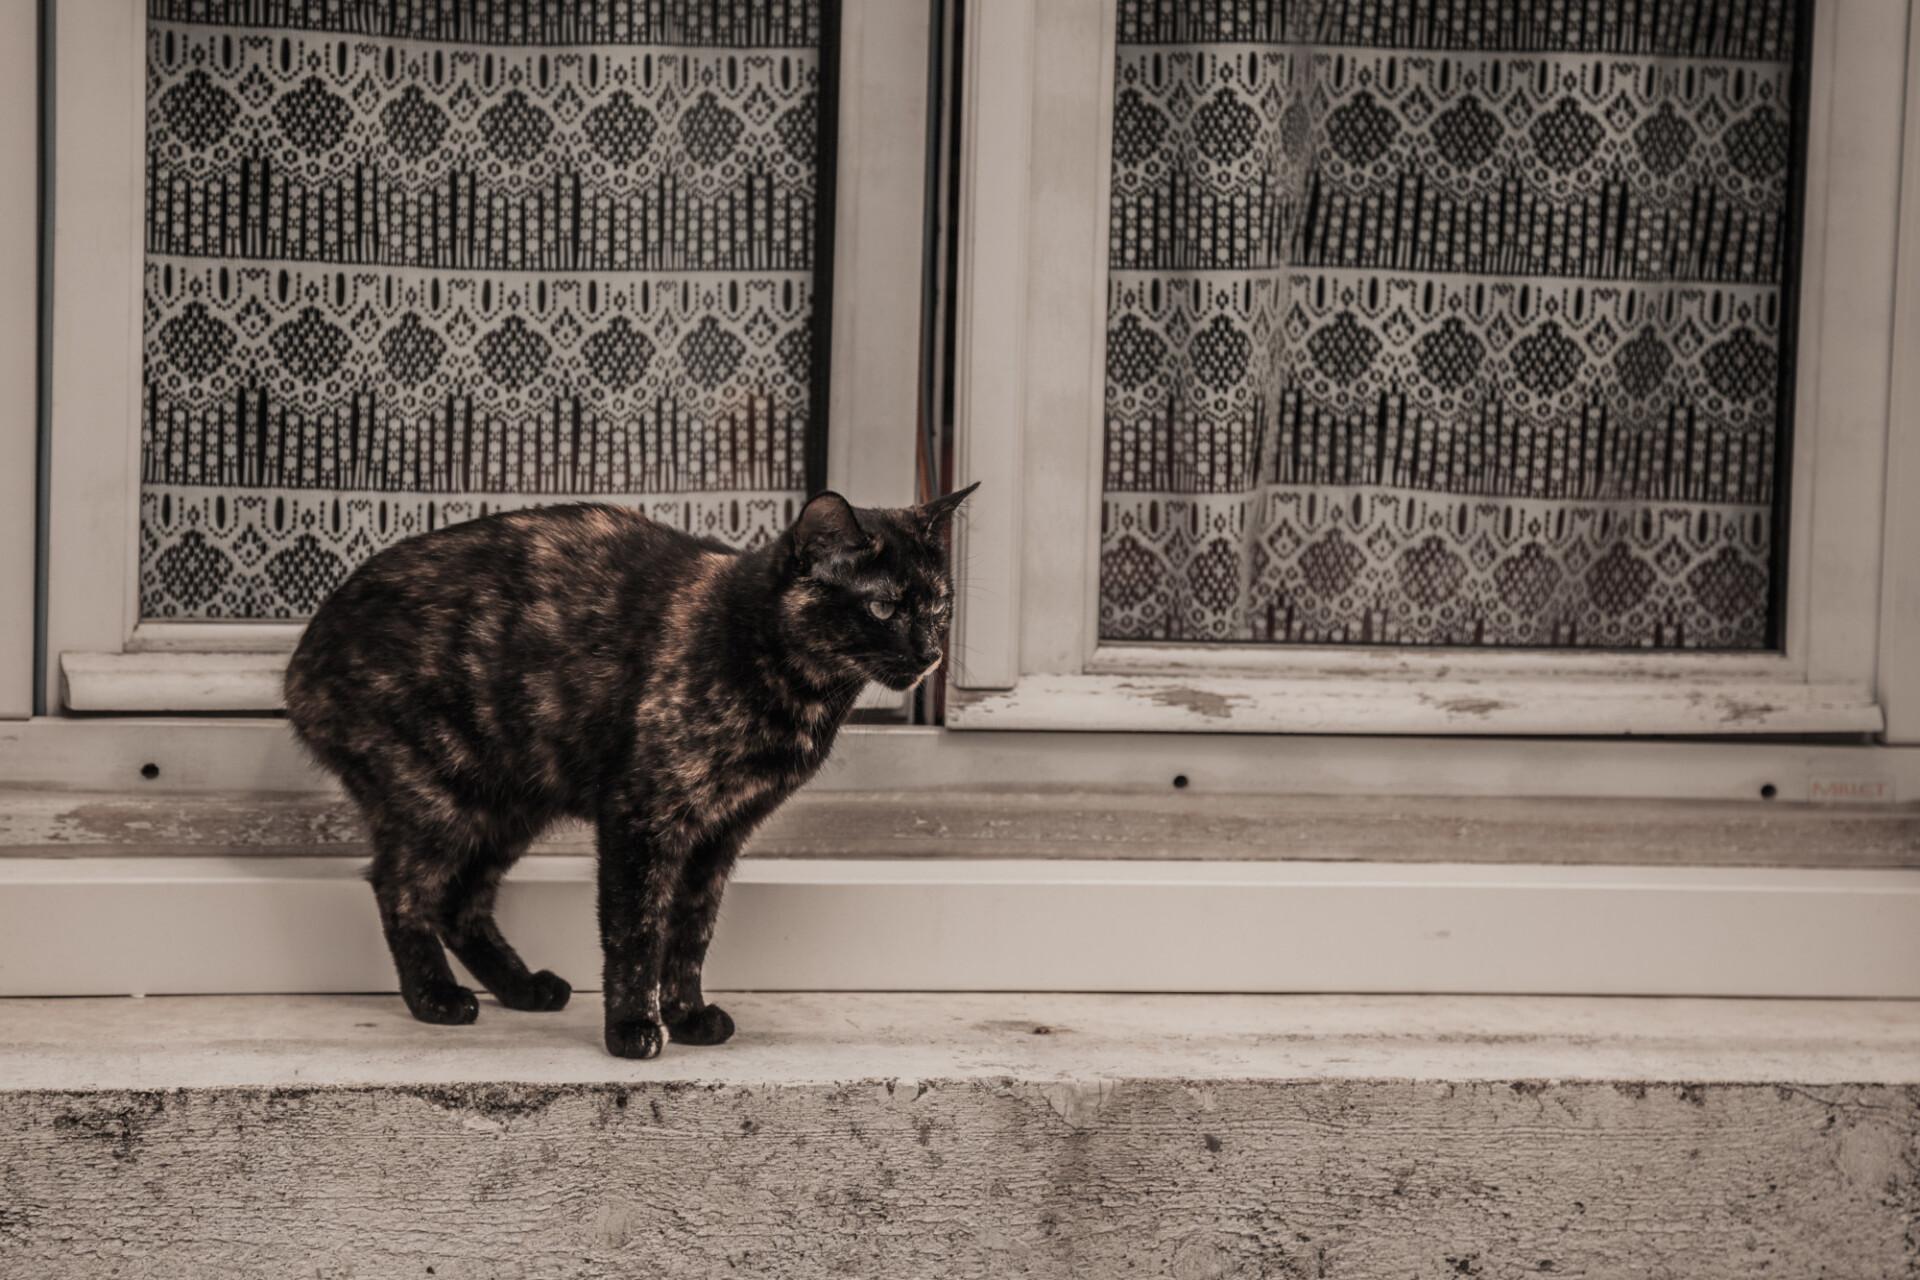 street cat on windowsill